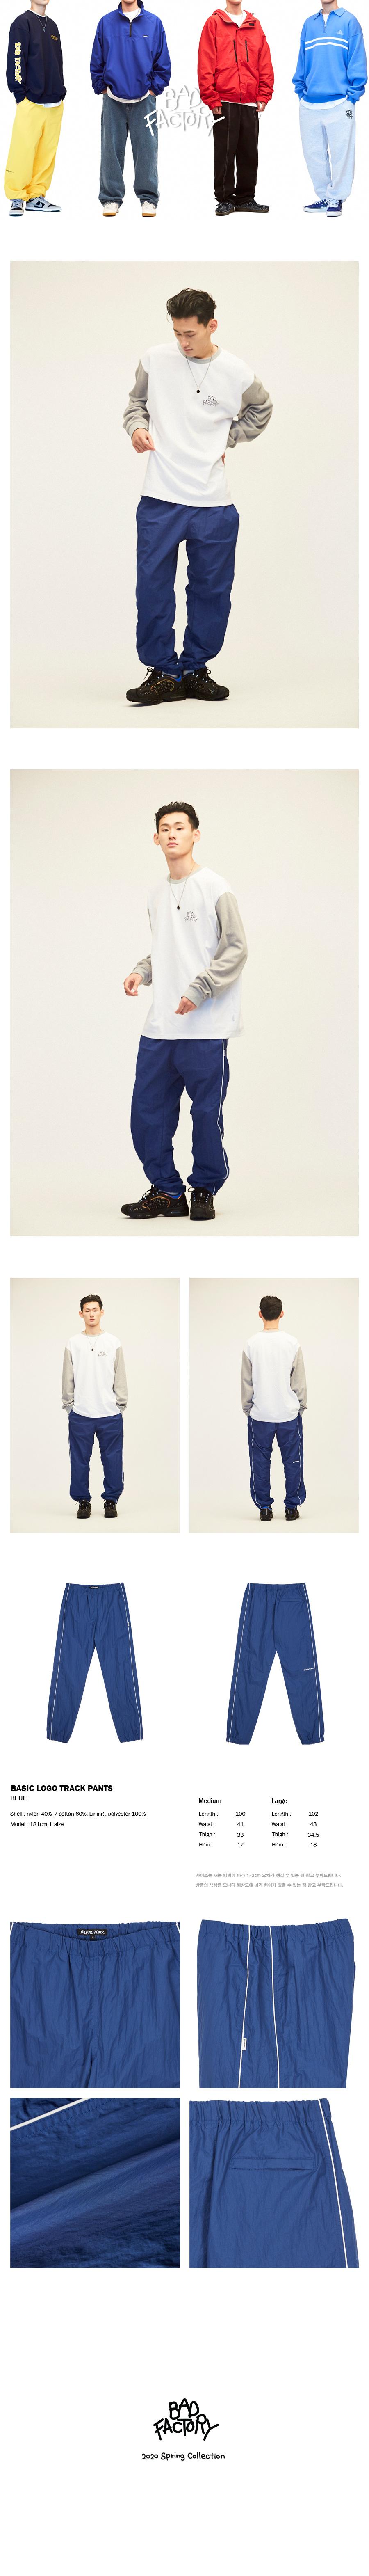 배드팩토리(BAD FACTORY) 베이직 로고 트랙 팬츠 블루 (BASIC LOGO TRACK PANTS BLUE) CNPA0EY03B2